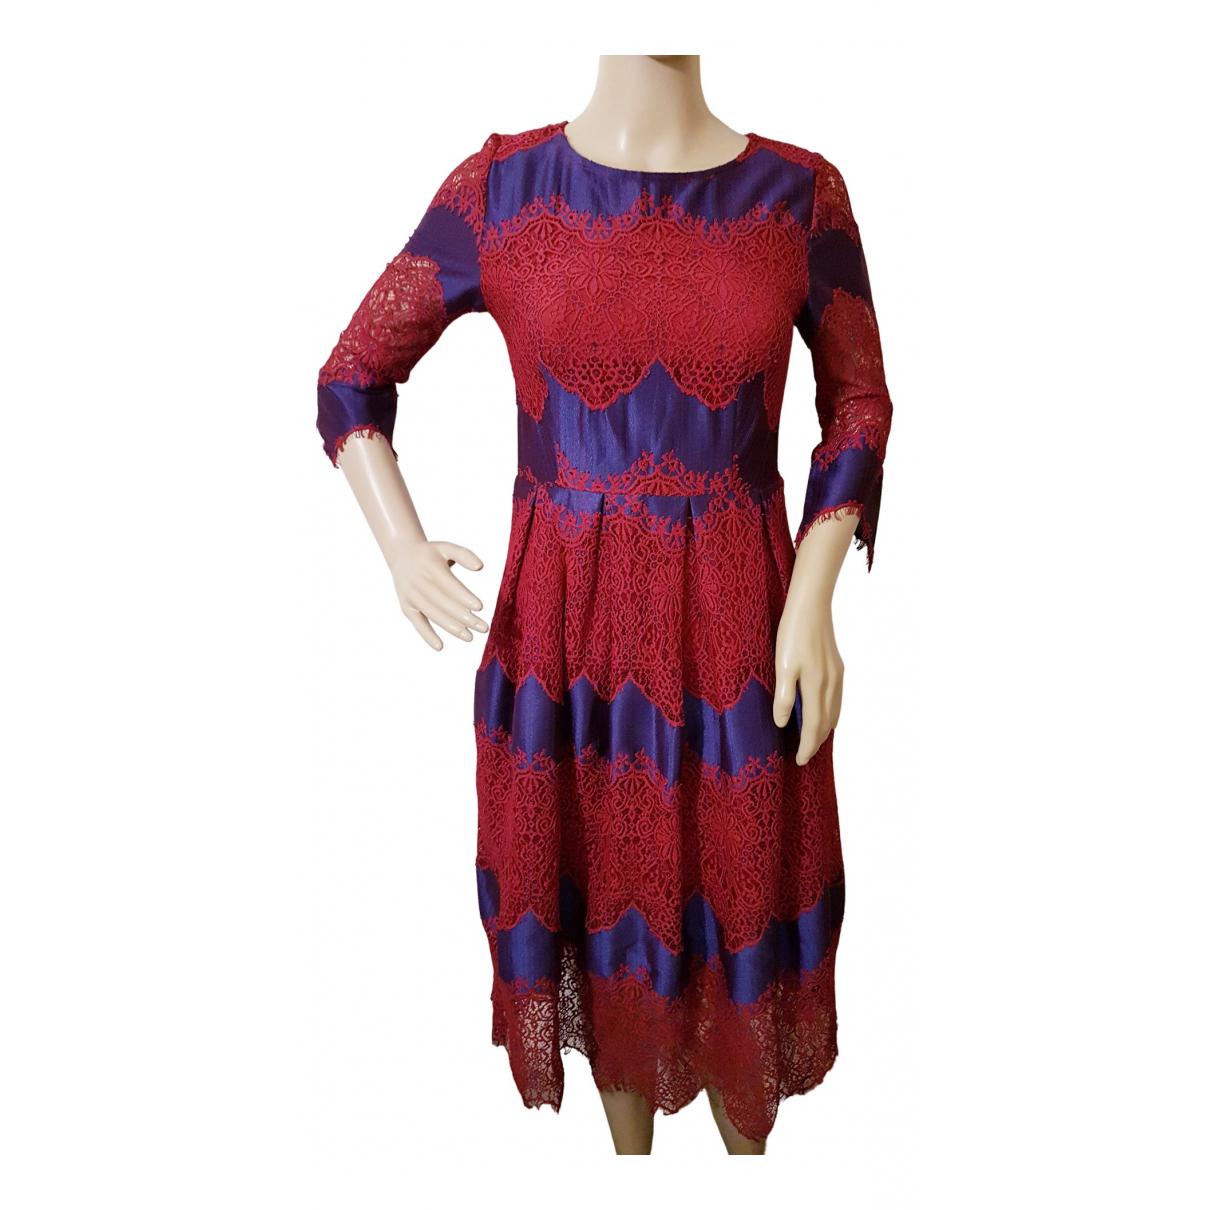 Teria Yabar \N Kleid in  Bunt Spitze